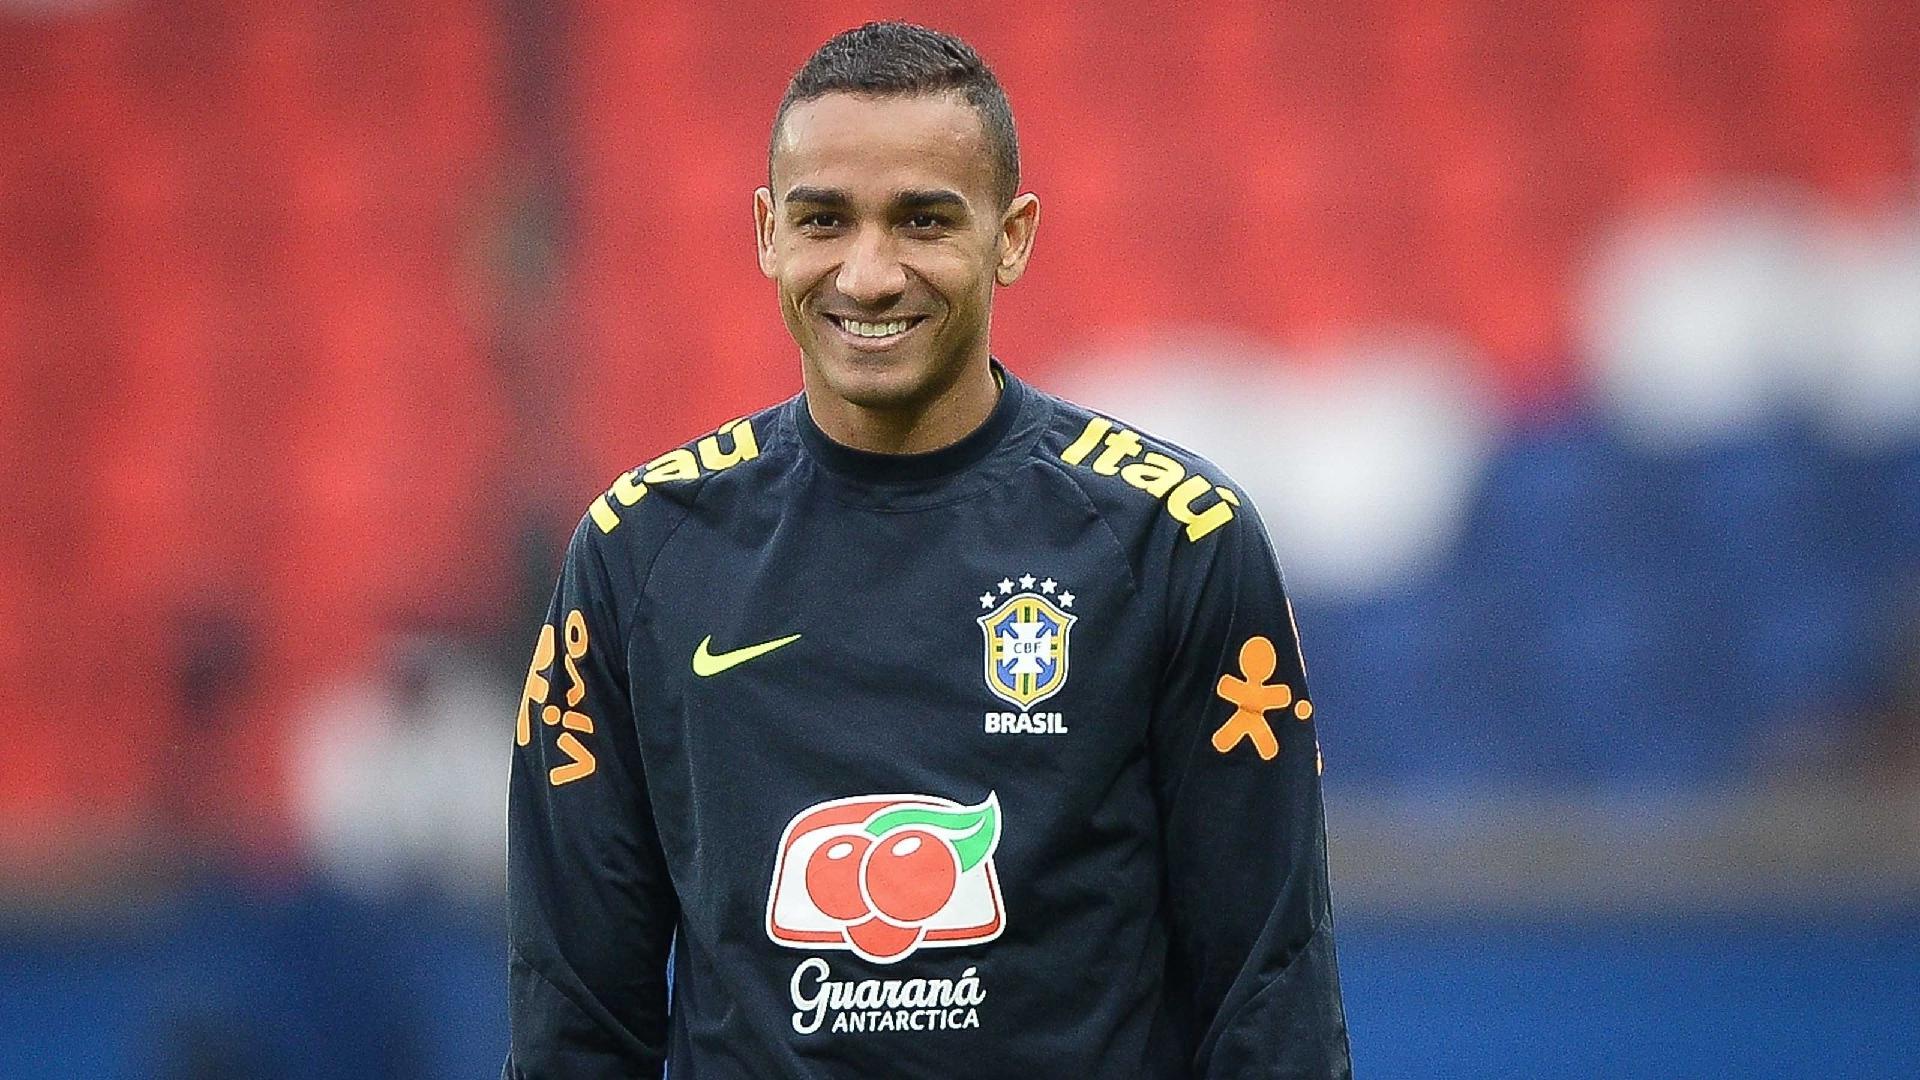 Danilo, lateral da seleção brasileira, foi destaque no amistoso com o Japão